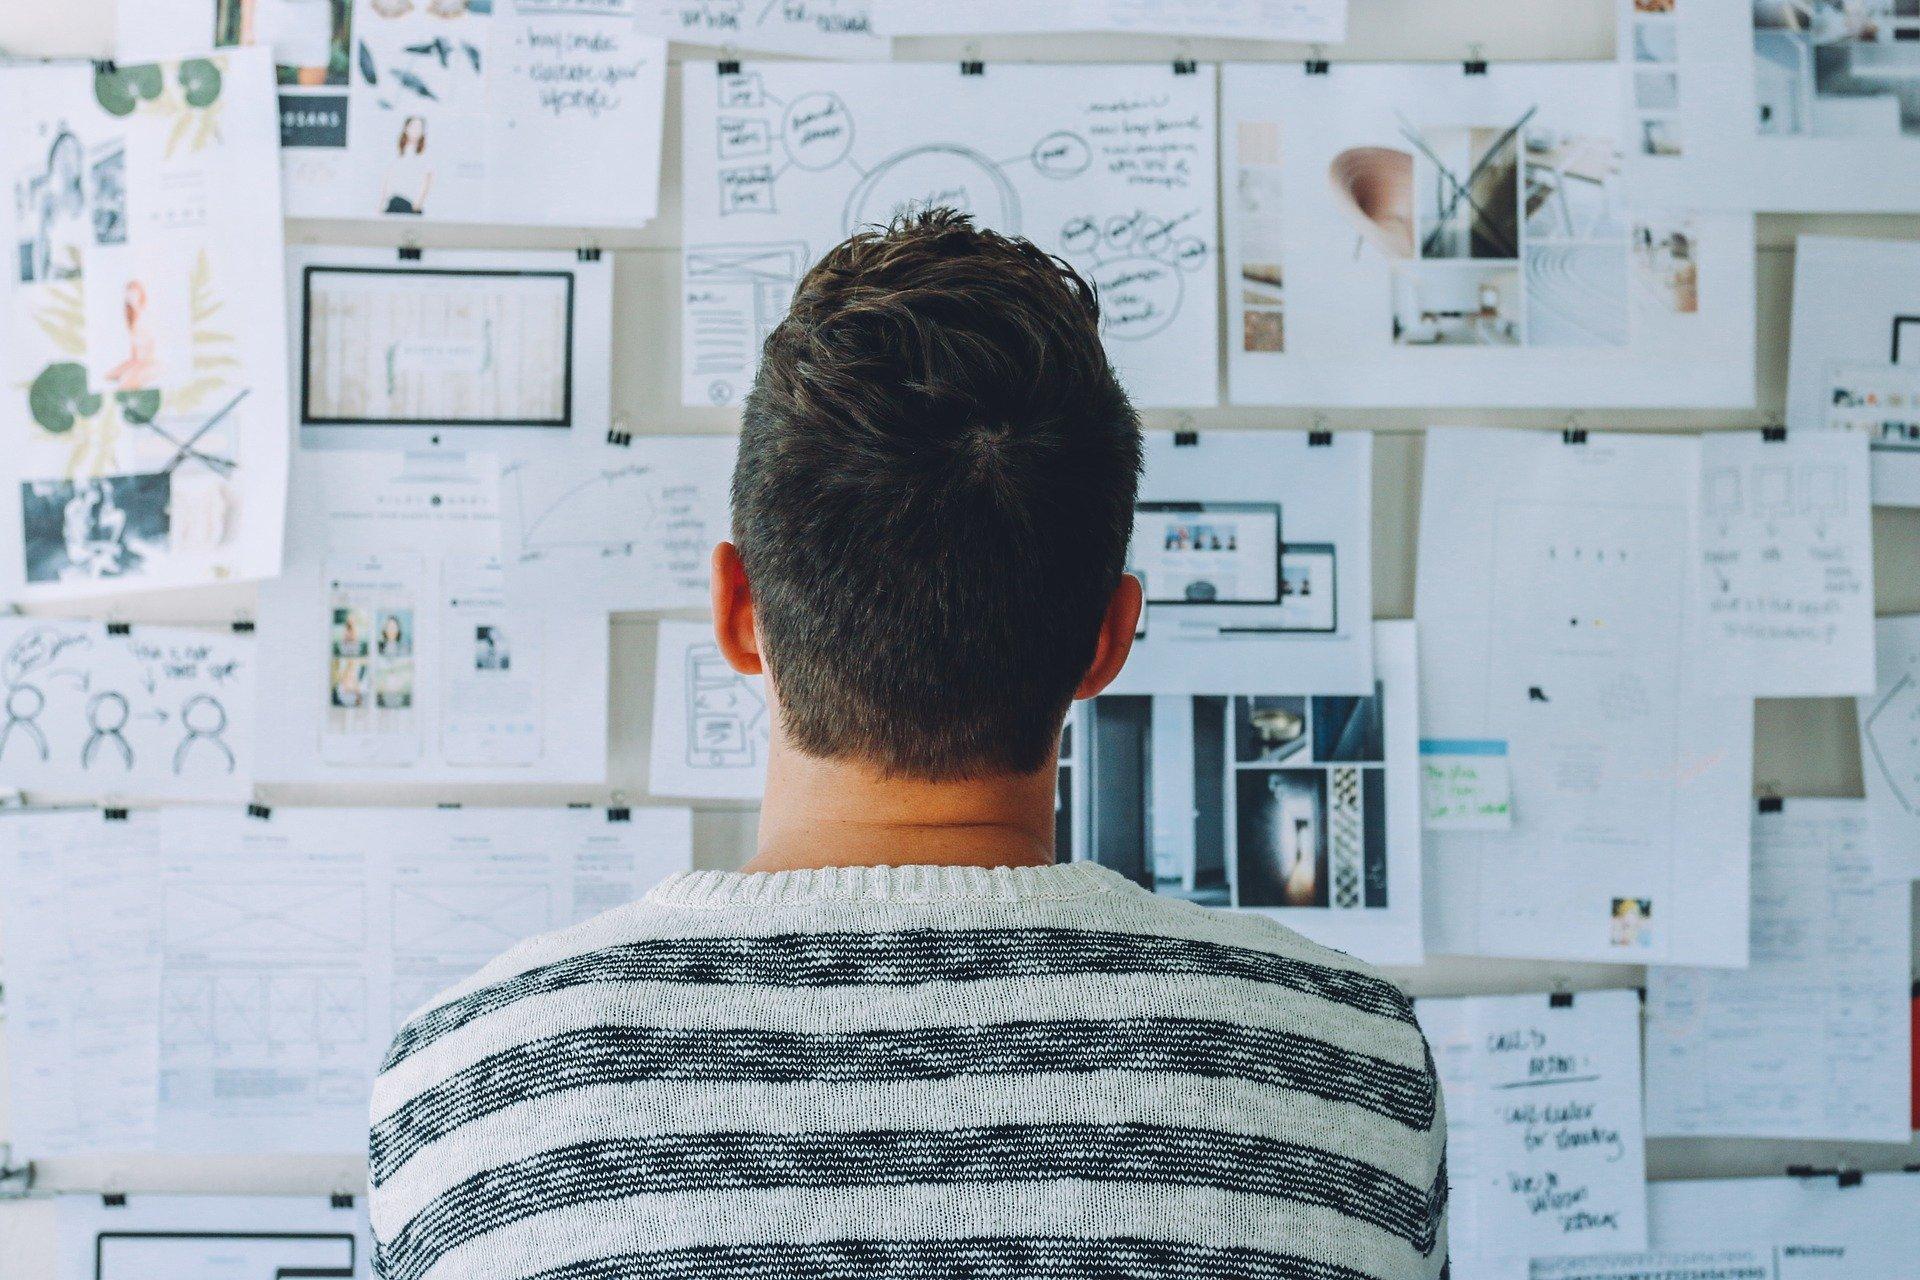 転職面接の流れとは?よくある質問と当日までに準備するべき5つのことの画像3